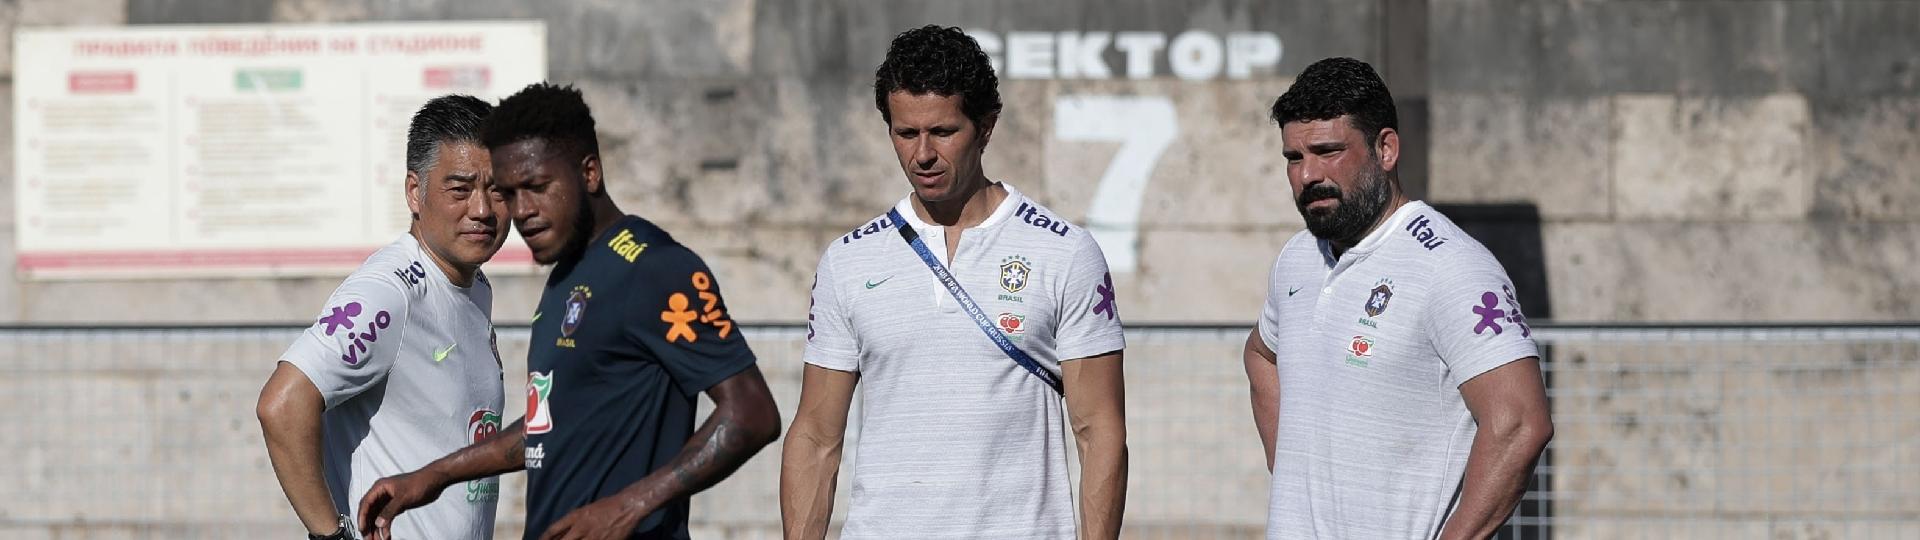 Fred treina separado em atividade da seleção brasileira em Sochi